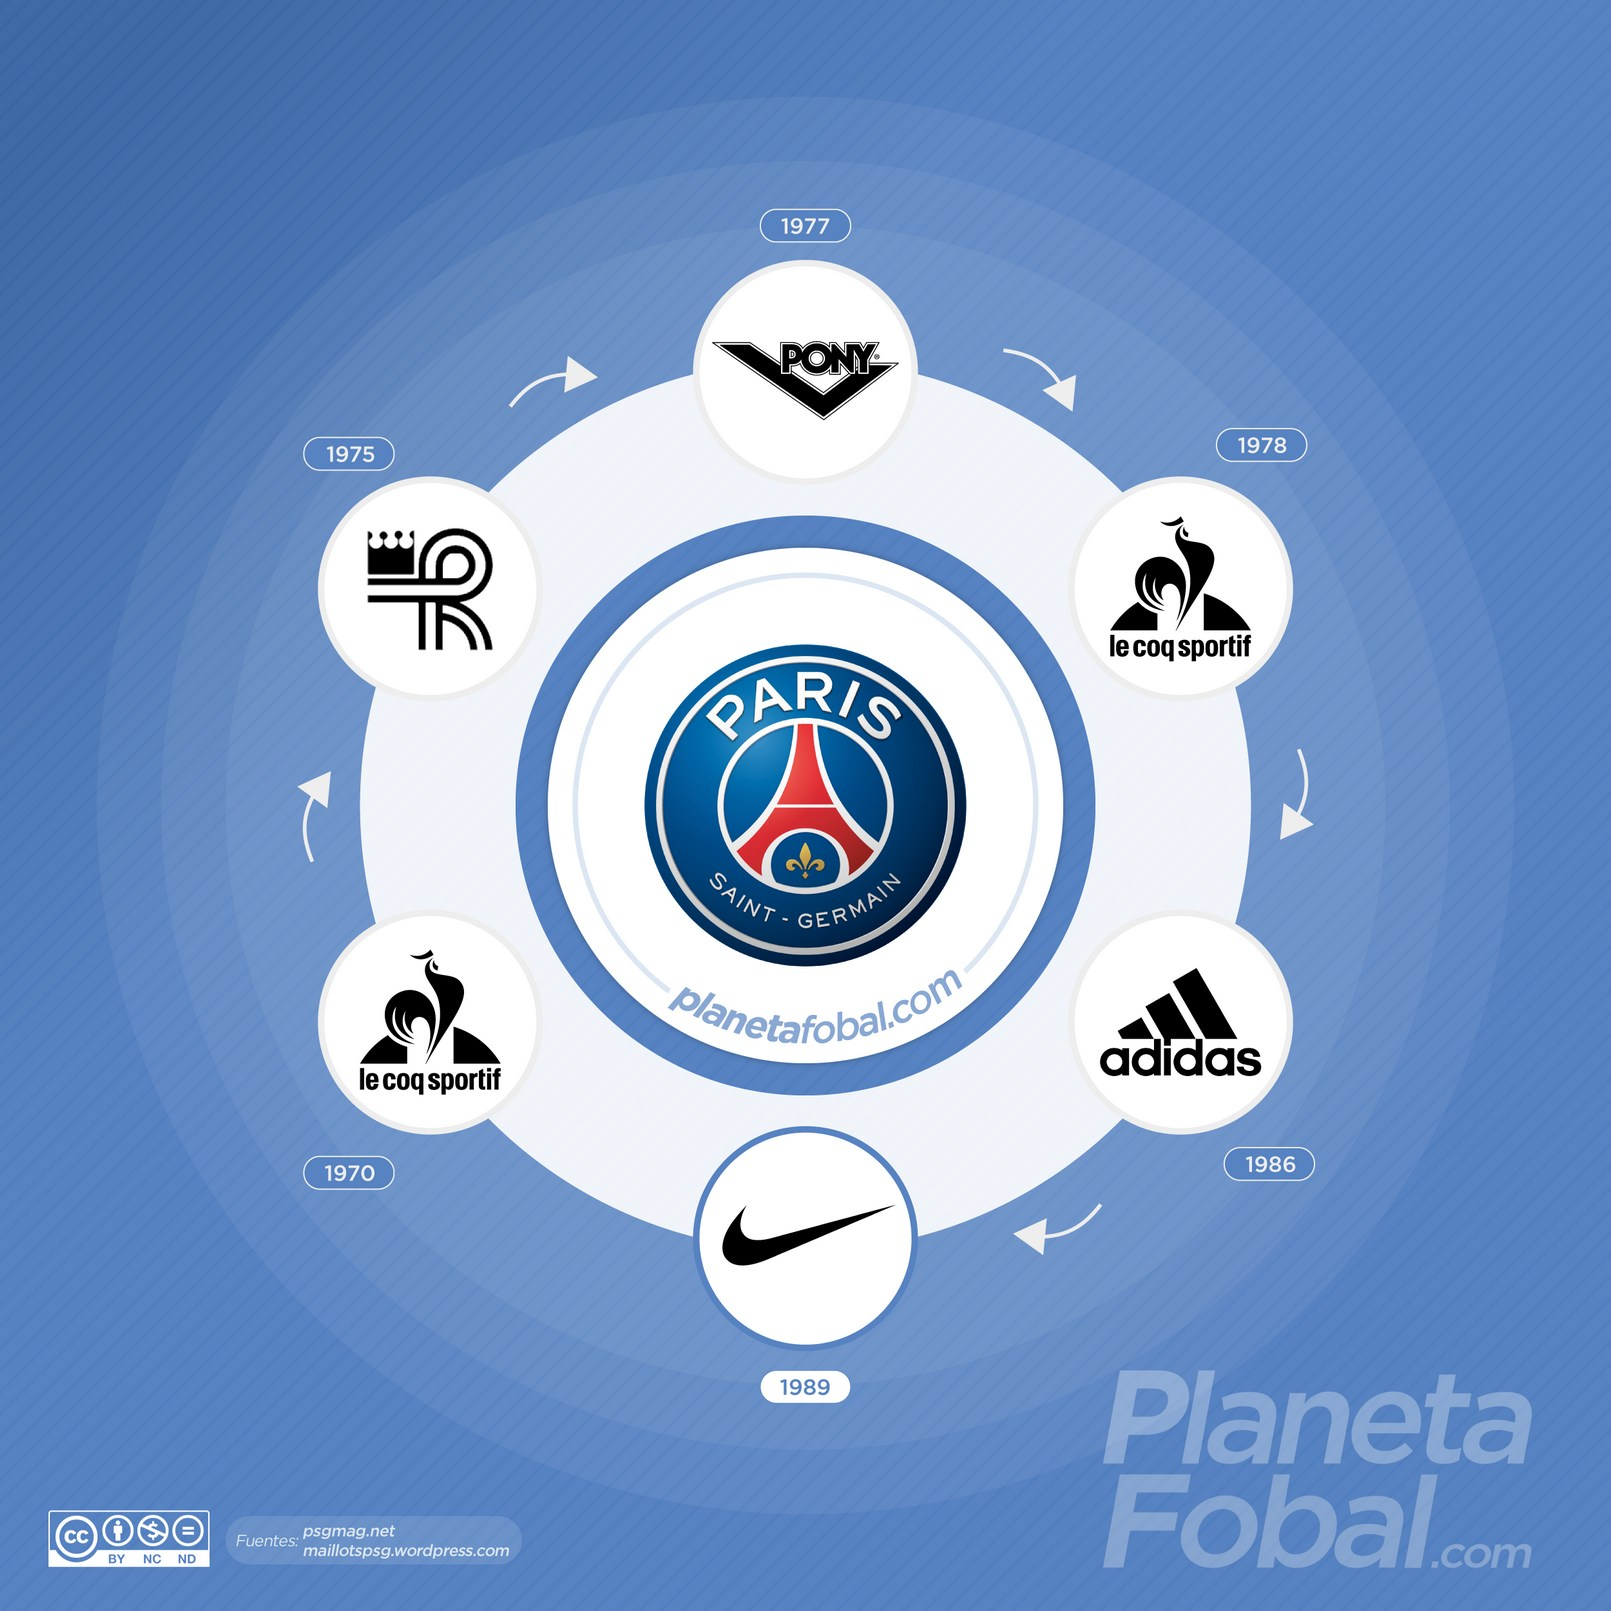 Marcas deportivas que vistieron al PSG de Francia